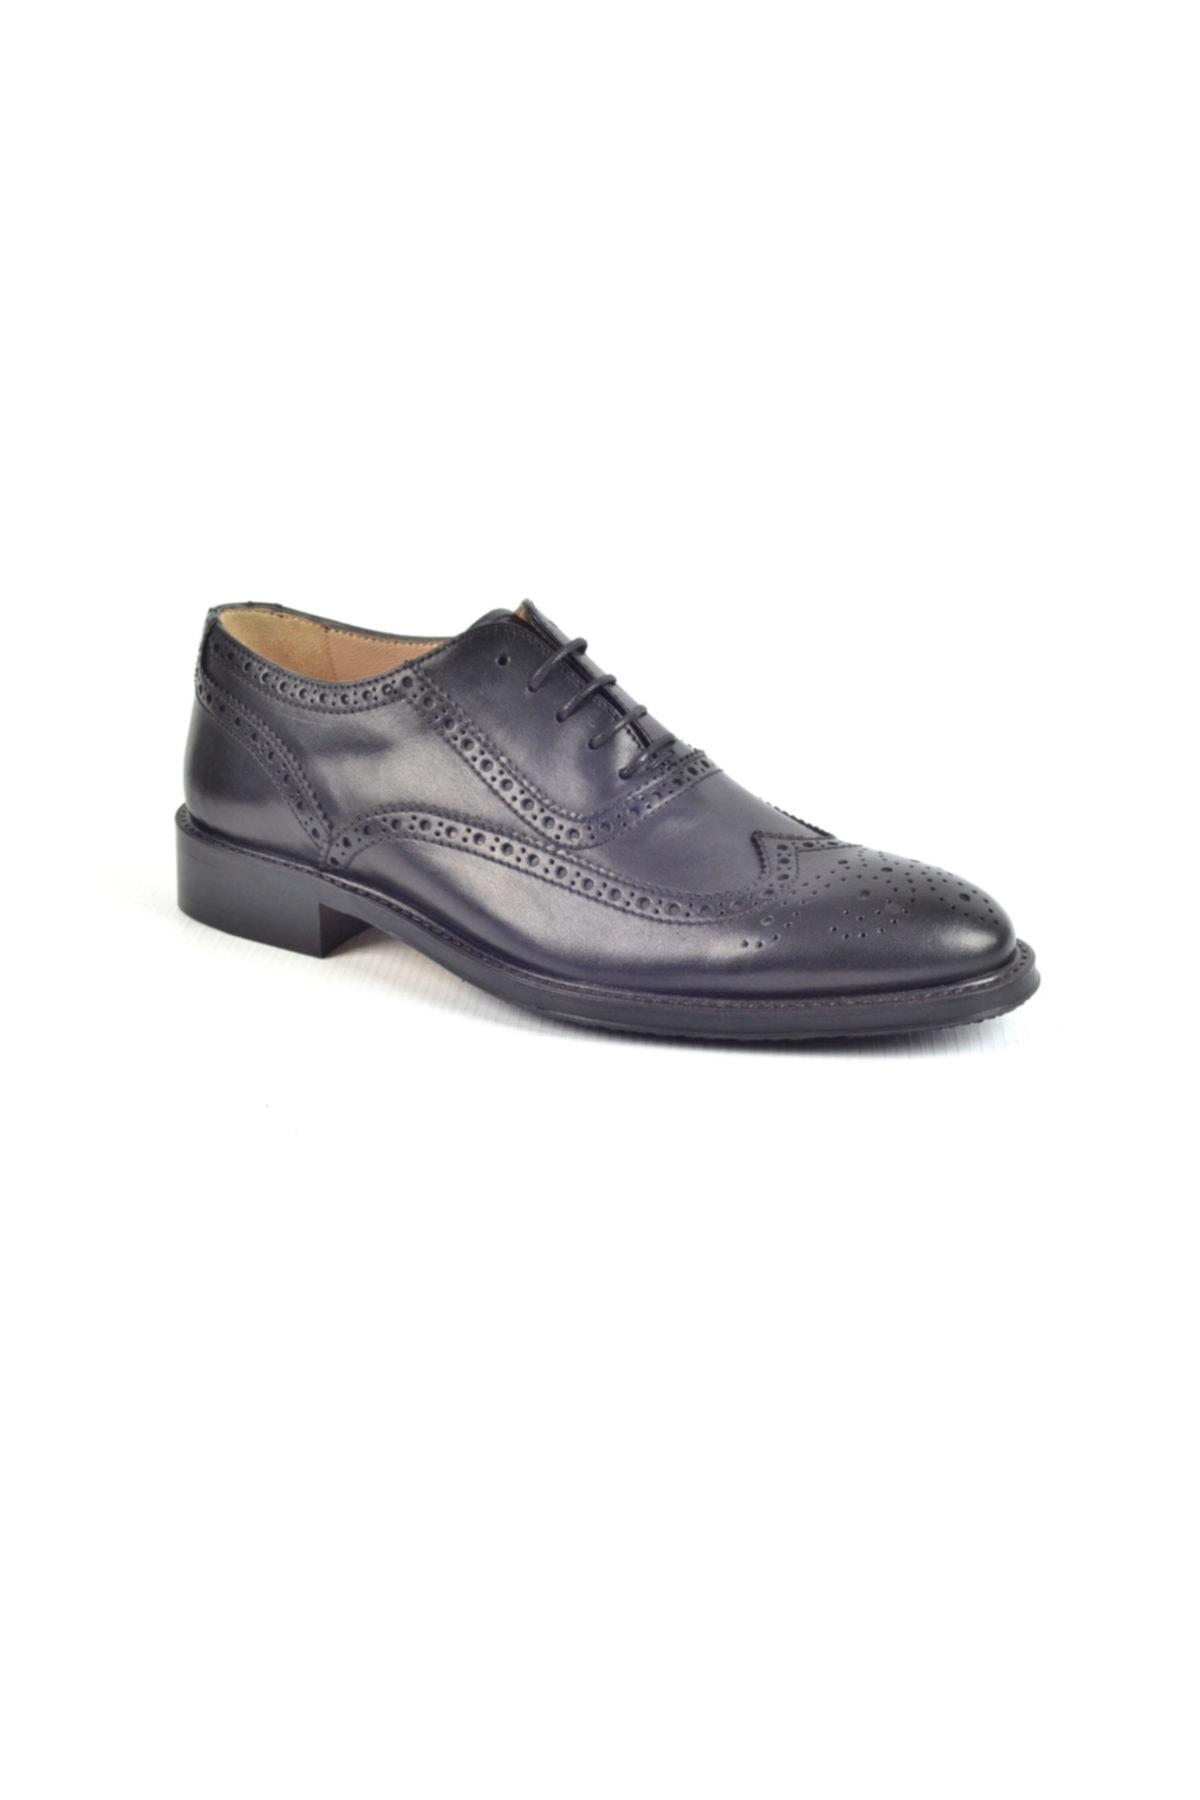 Nevzat Onay Kauçuk Taban Klasik Erkek Deri Ayakkabı 7202-257 1